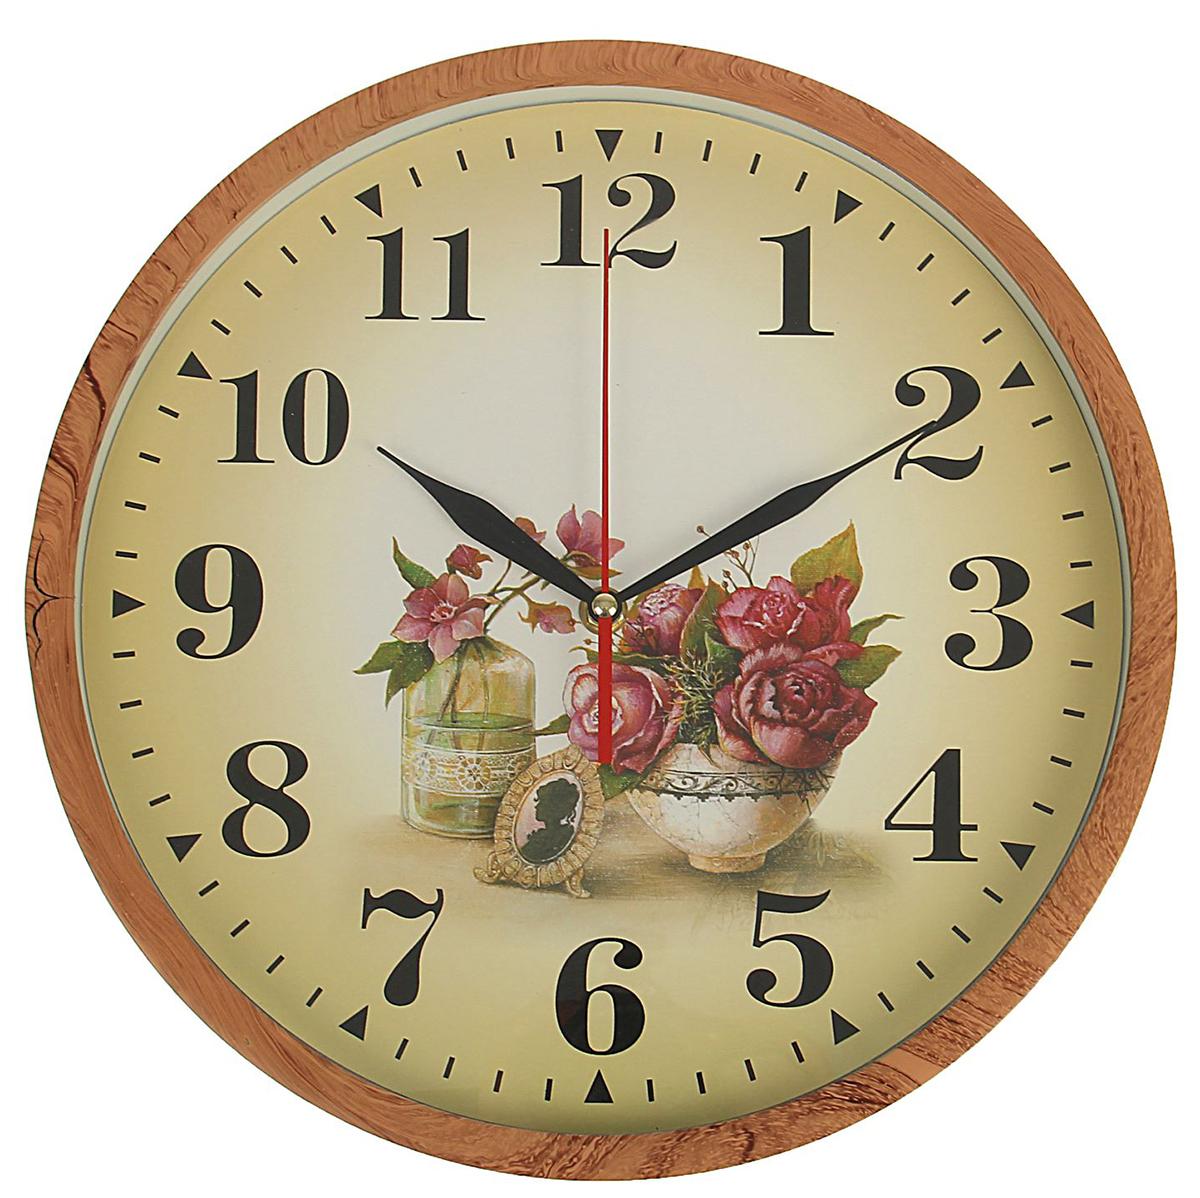 Часы настенные Пионы в пиале, диаметр 32 см1716938Каждому хозяину периодически приходит мысль обновить свою квартиру, сделать ремонт, перестановку или кардинально поменять внешний вид каждой комнаты. Часы настенные круглые Пионы в пиалке, d=32 см, рама под дерево — привлекательная деталь, которая поможет воплотить вашу интерьерную идею, создать неповторимую атмосферу в вашем доме. Окружите себя приятными мелочами, пусть они радуют глаз и дарят гармонию.Часы настенные круг, рама дерево светлое, на циферблате Пионы в пиалке d=32см 1716938